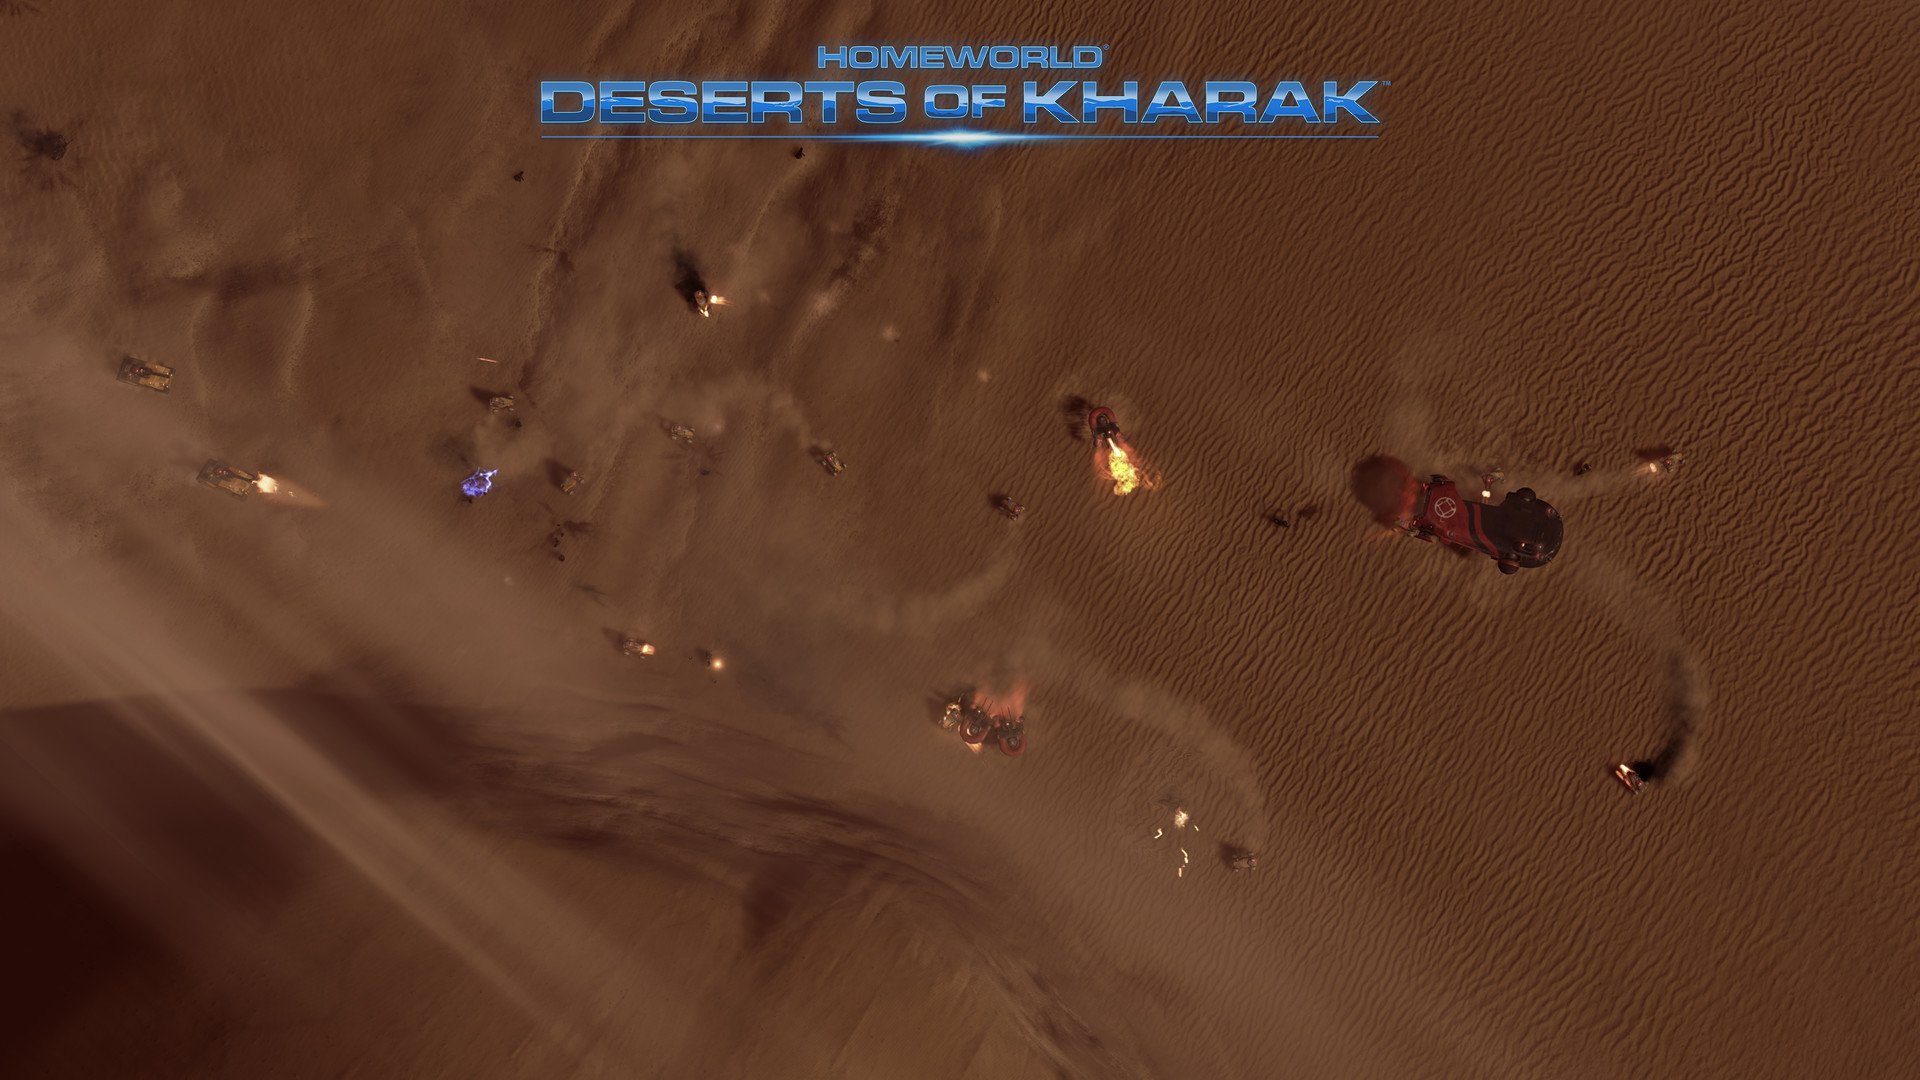 Homeworld Deserts of Kharak 9